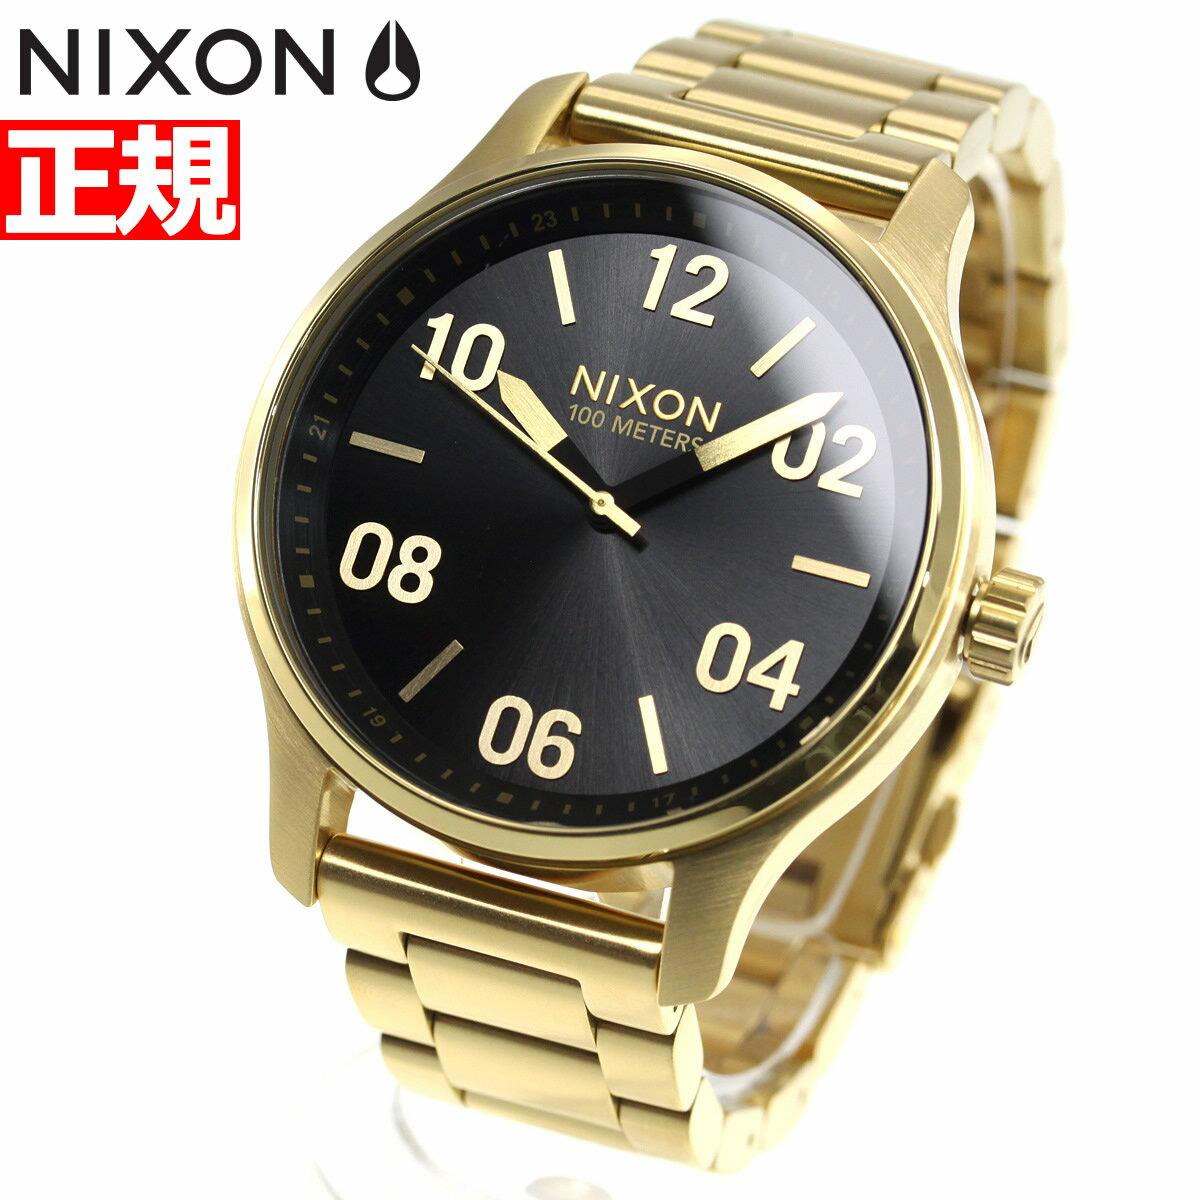 ニクソン NIXON パトロール PATROL 腕時計 メンズ ゴールド/ブラック NA1242513-00【2018 新作】